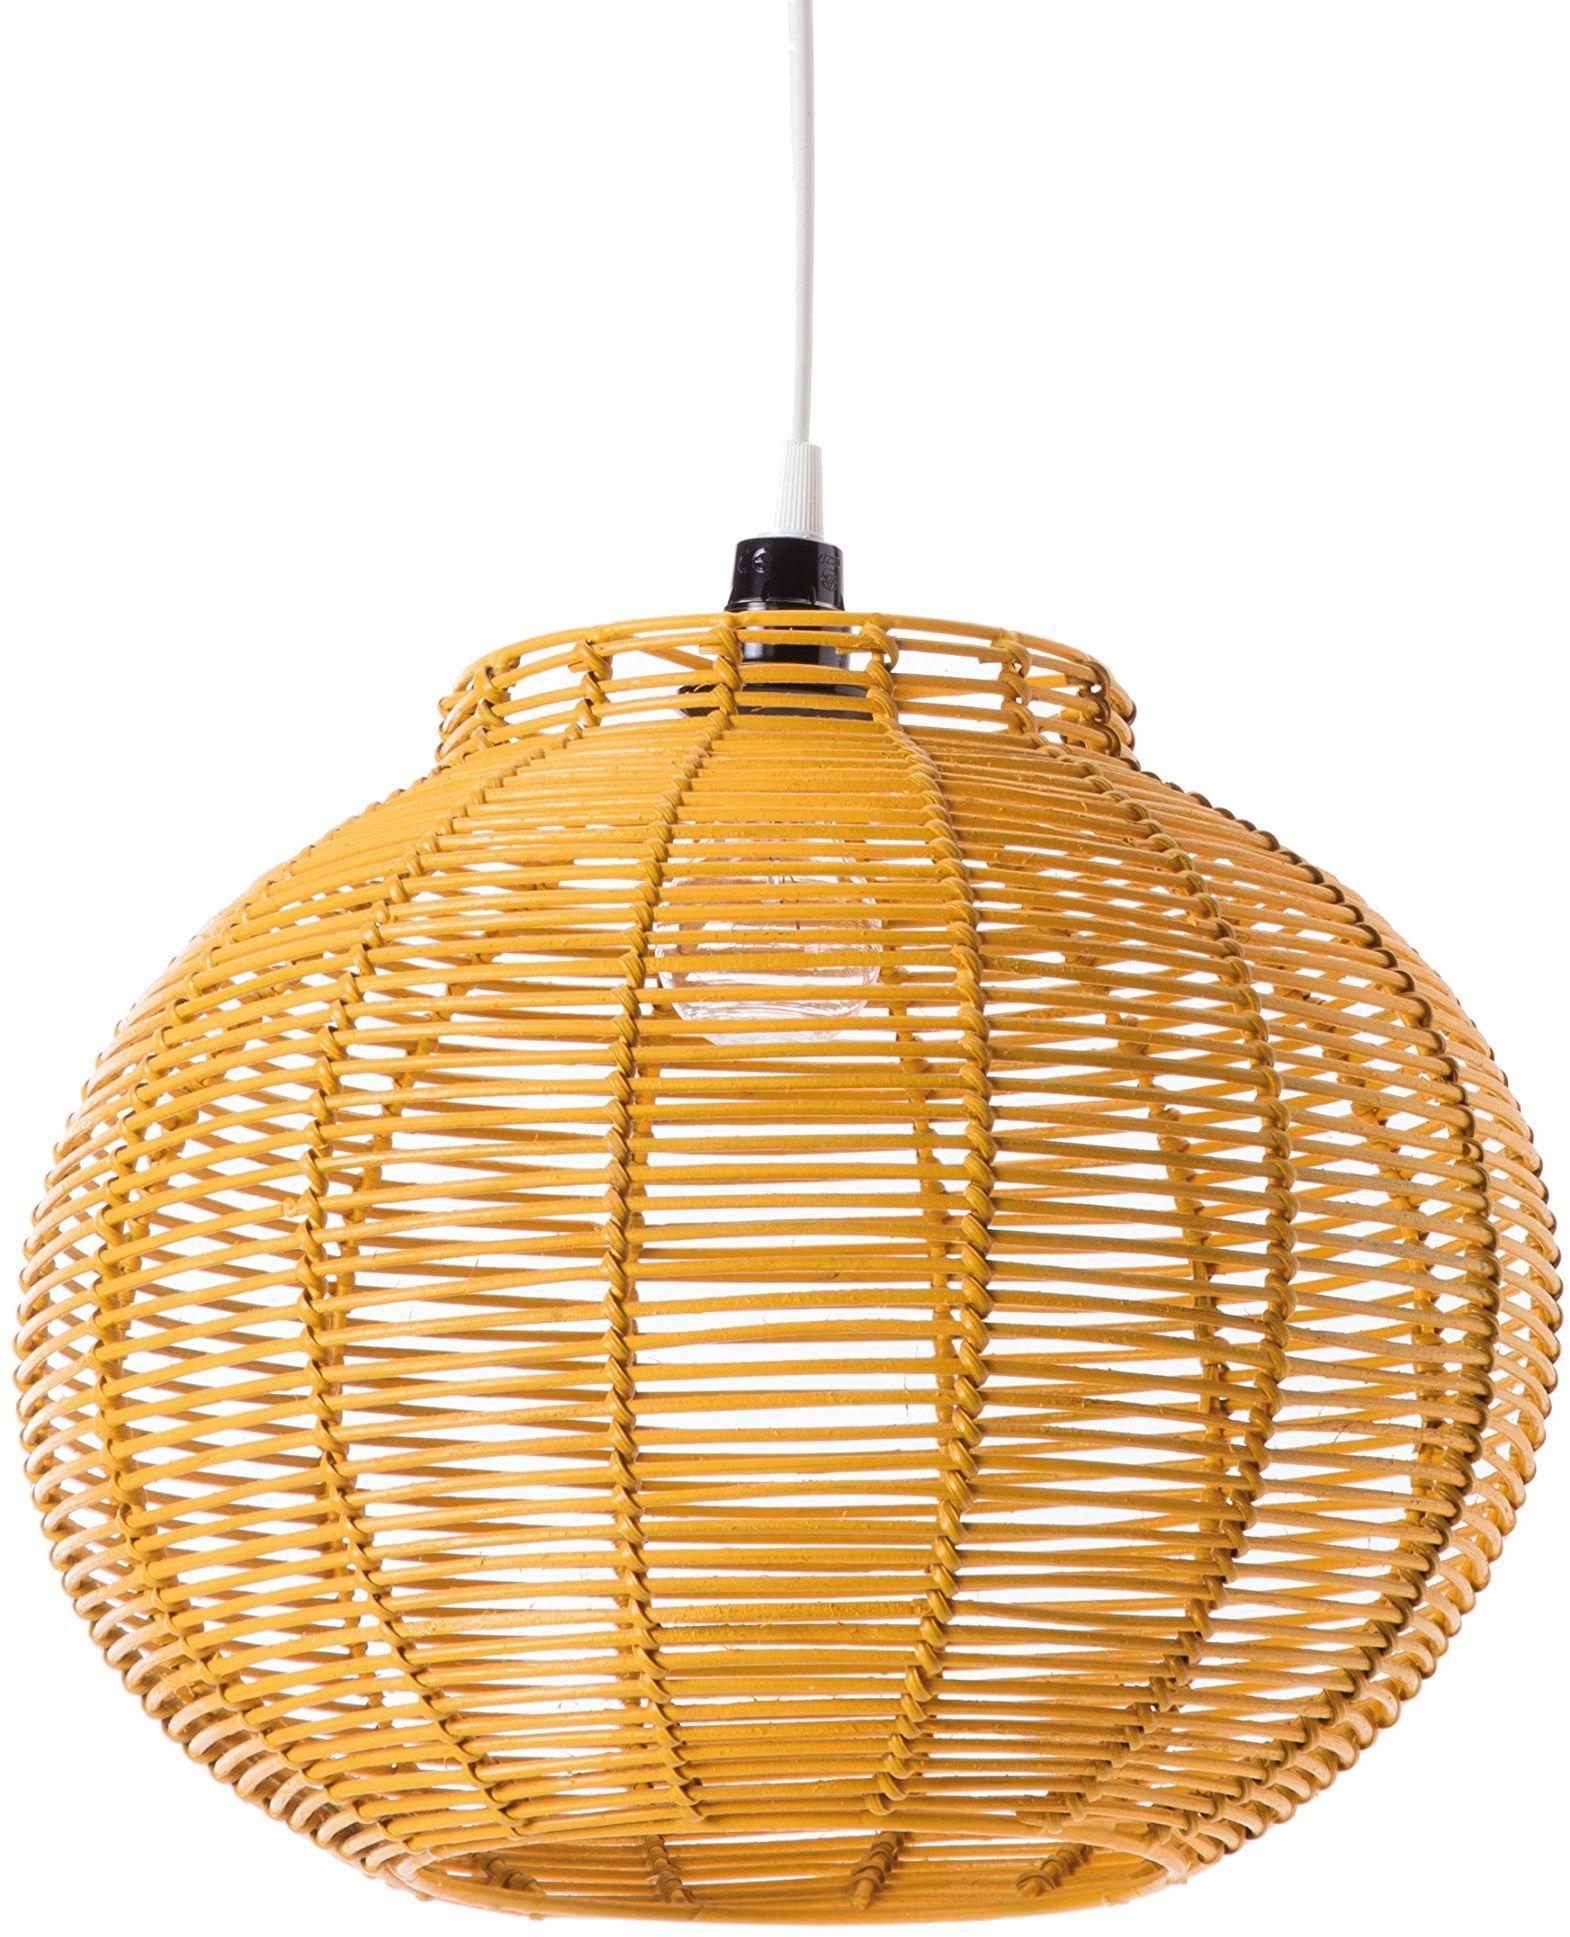 Lampa wisząca Korba żółty rattan 60 watów żółty Ø 30 x wys. 24 cm